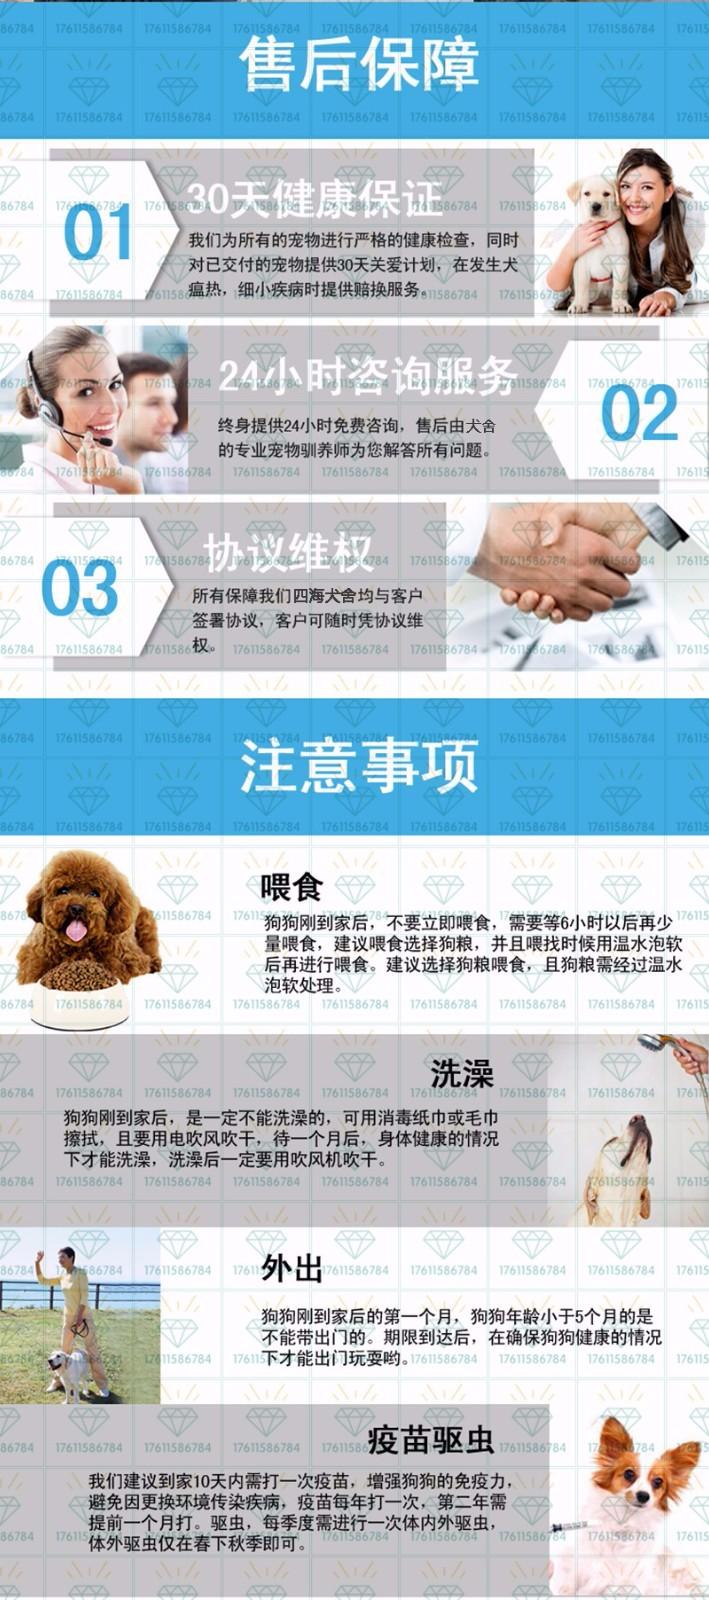 纯种优秀韩系泰迪犬特价出售 西安市内可免费送狗